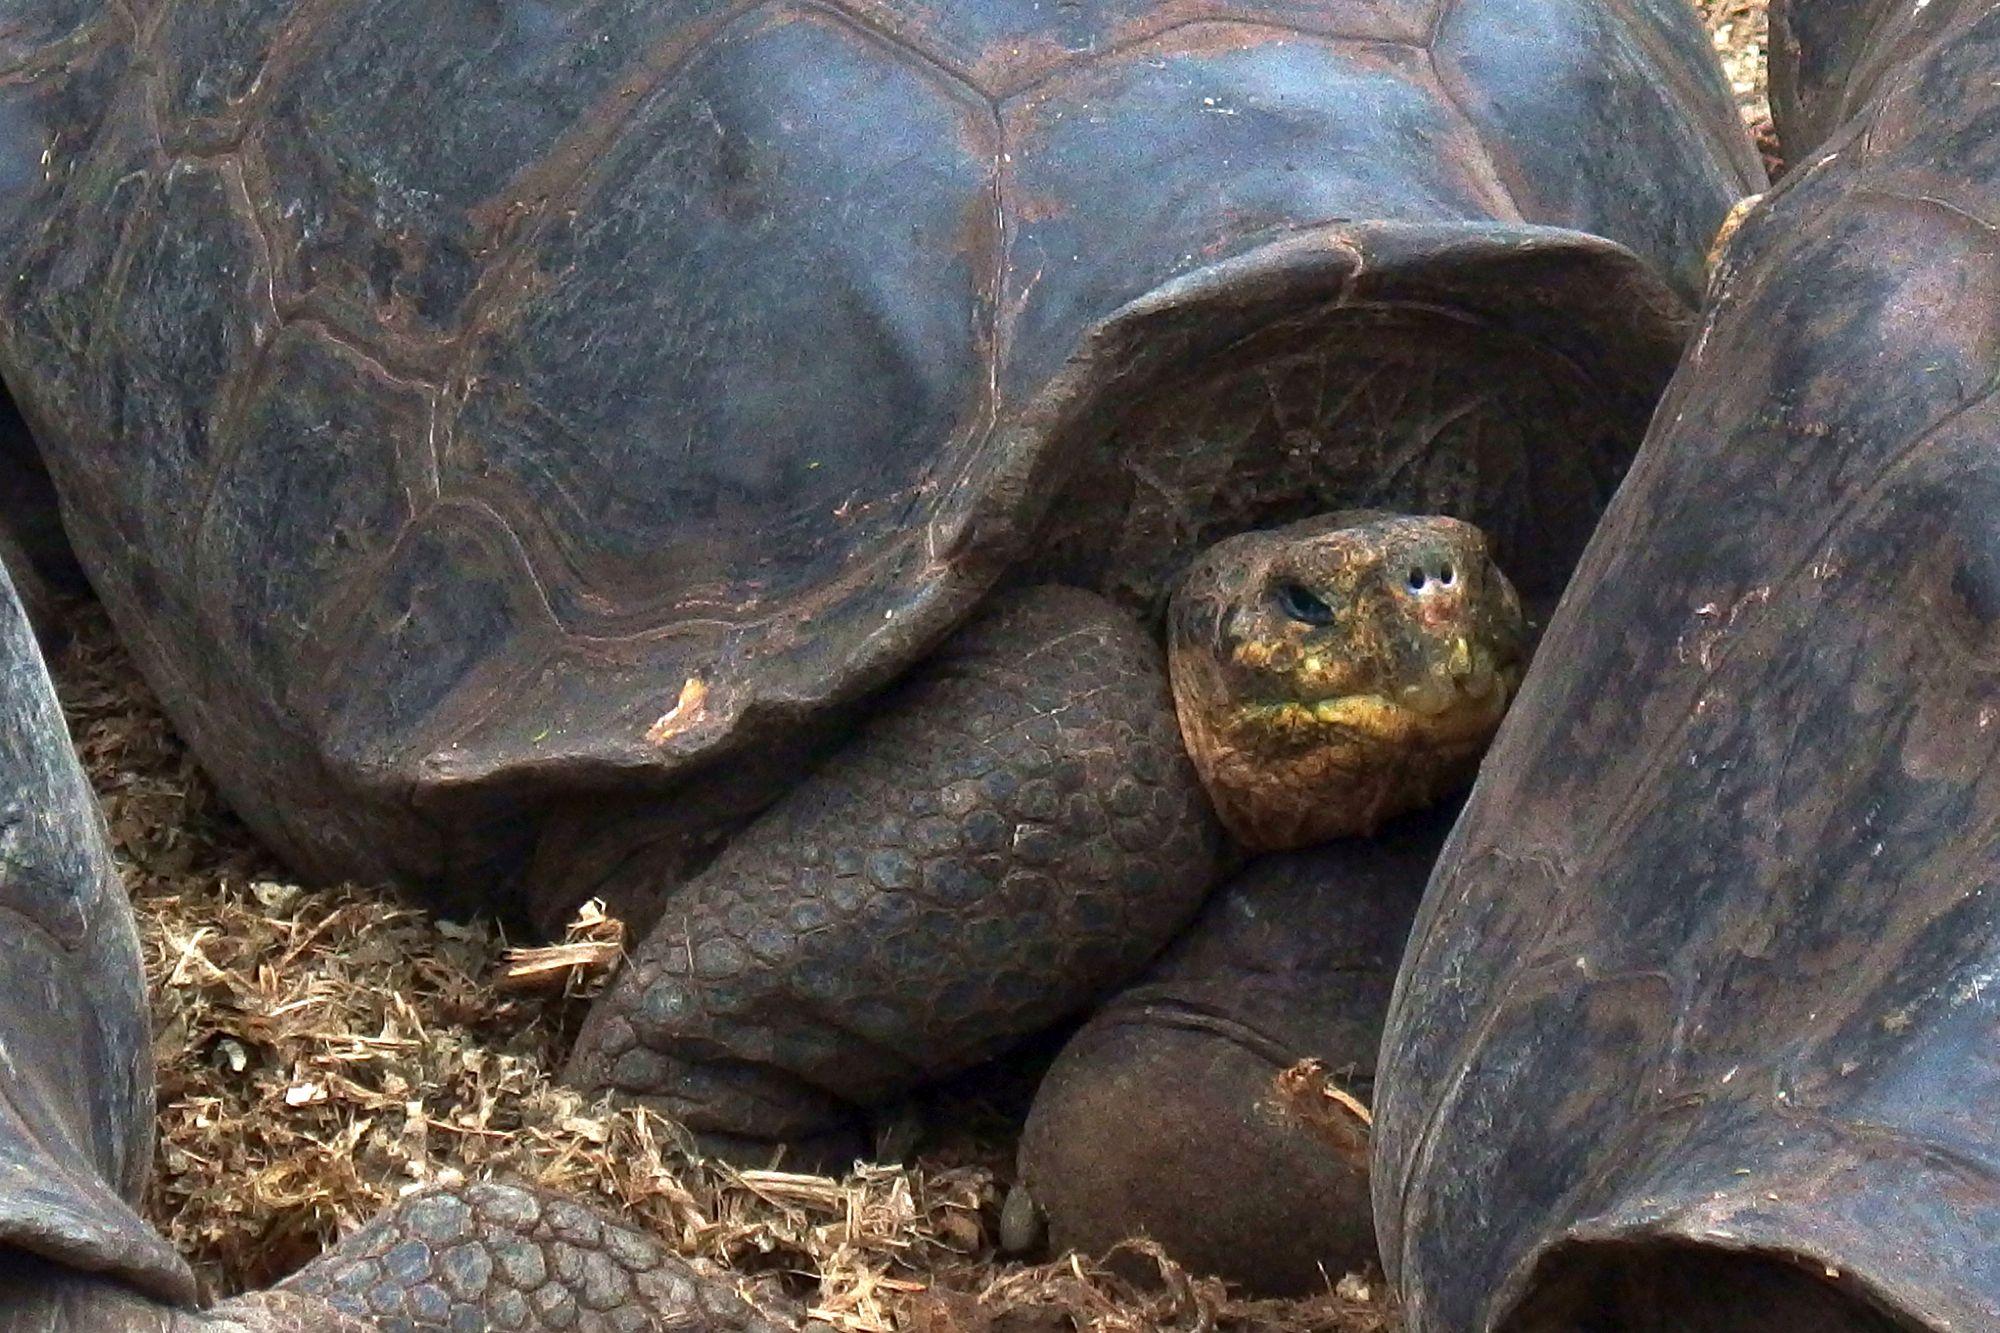 Galapážská želva: želva sloní